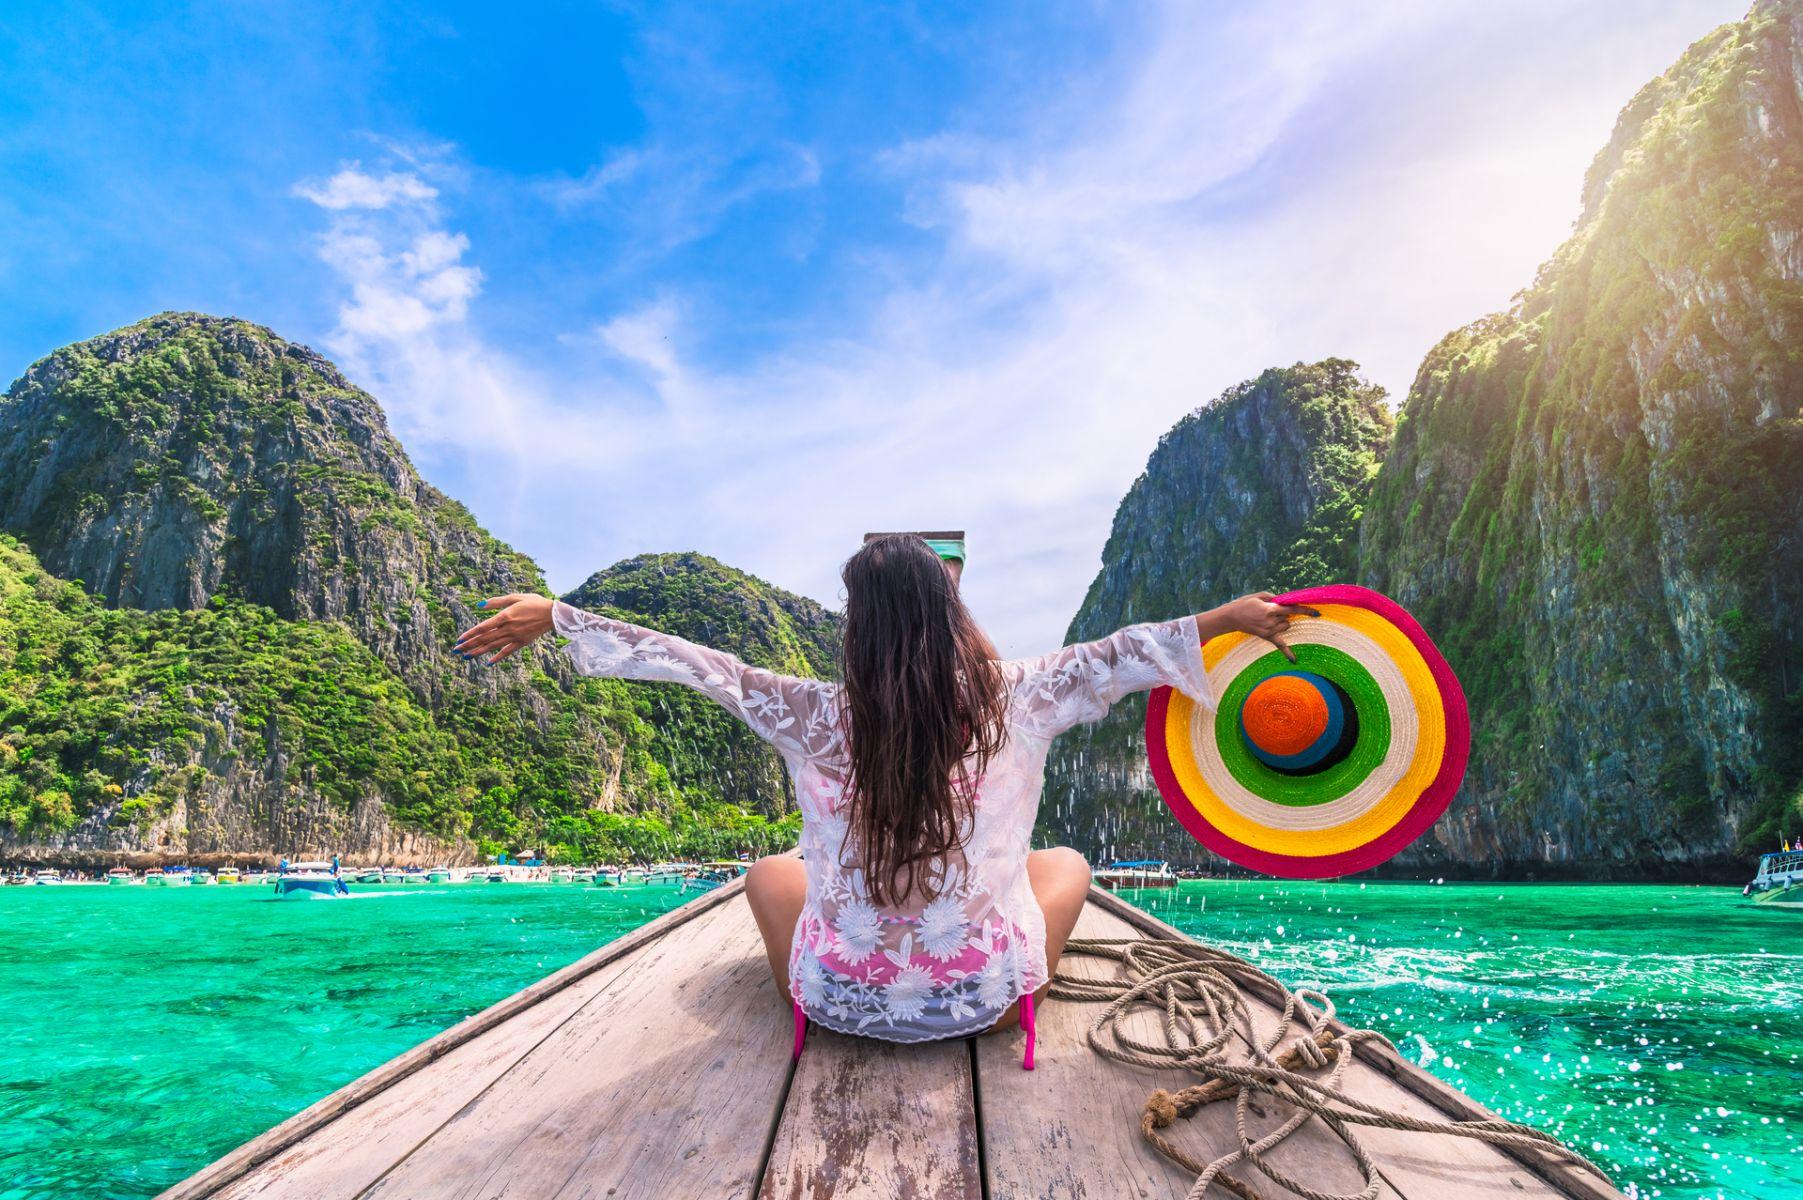 全球旅遊最危險國家榜首是這!風險管理、防疫要注意